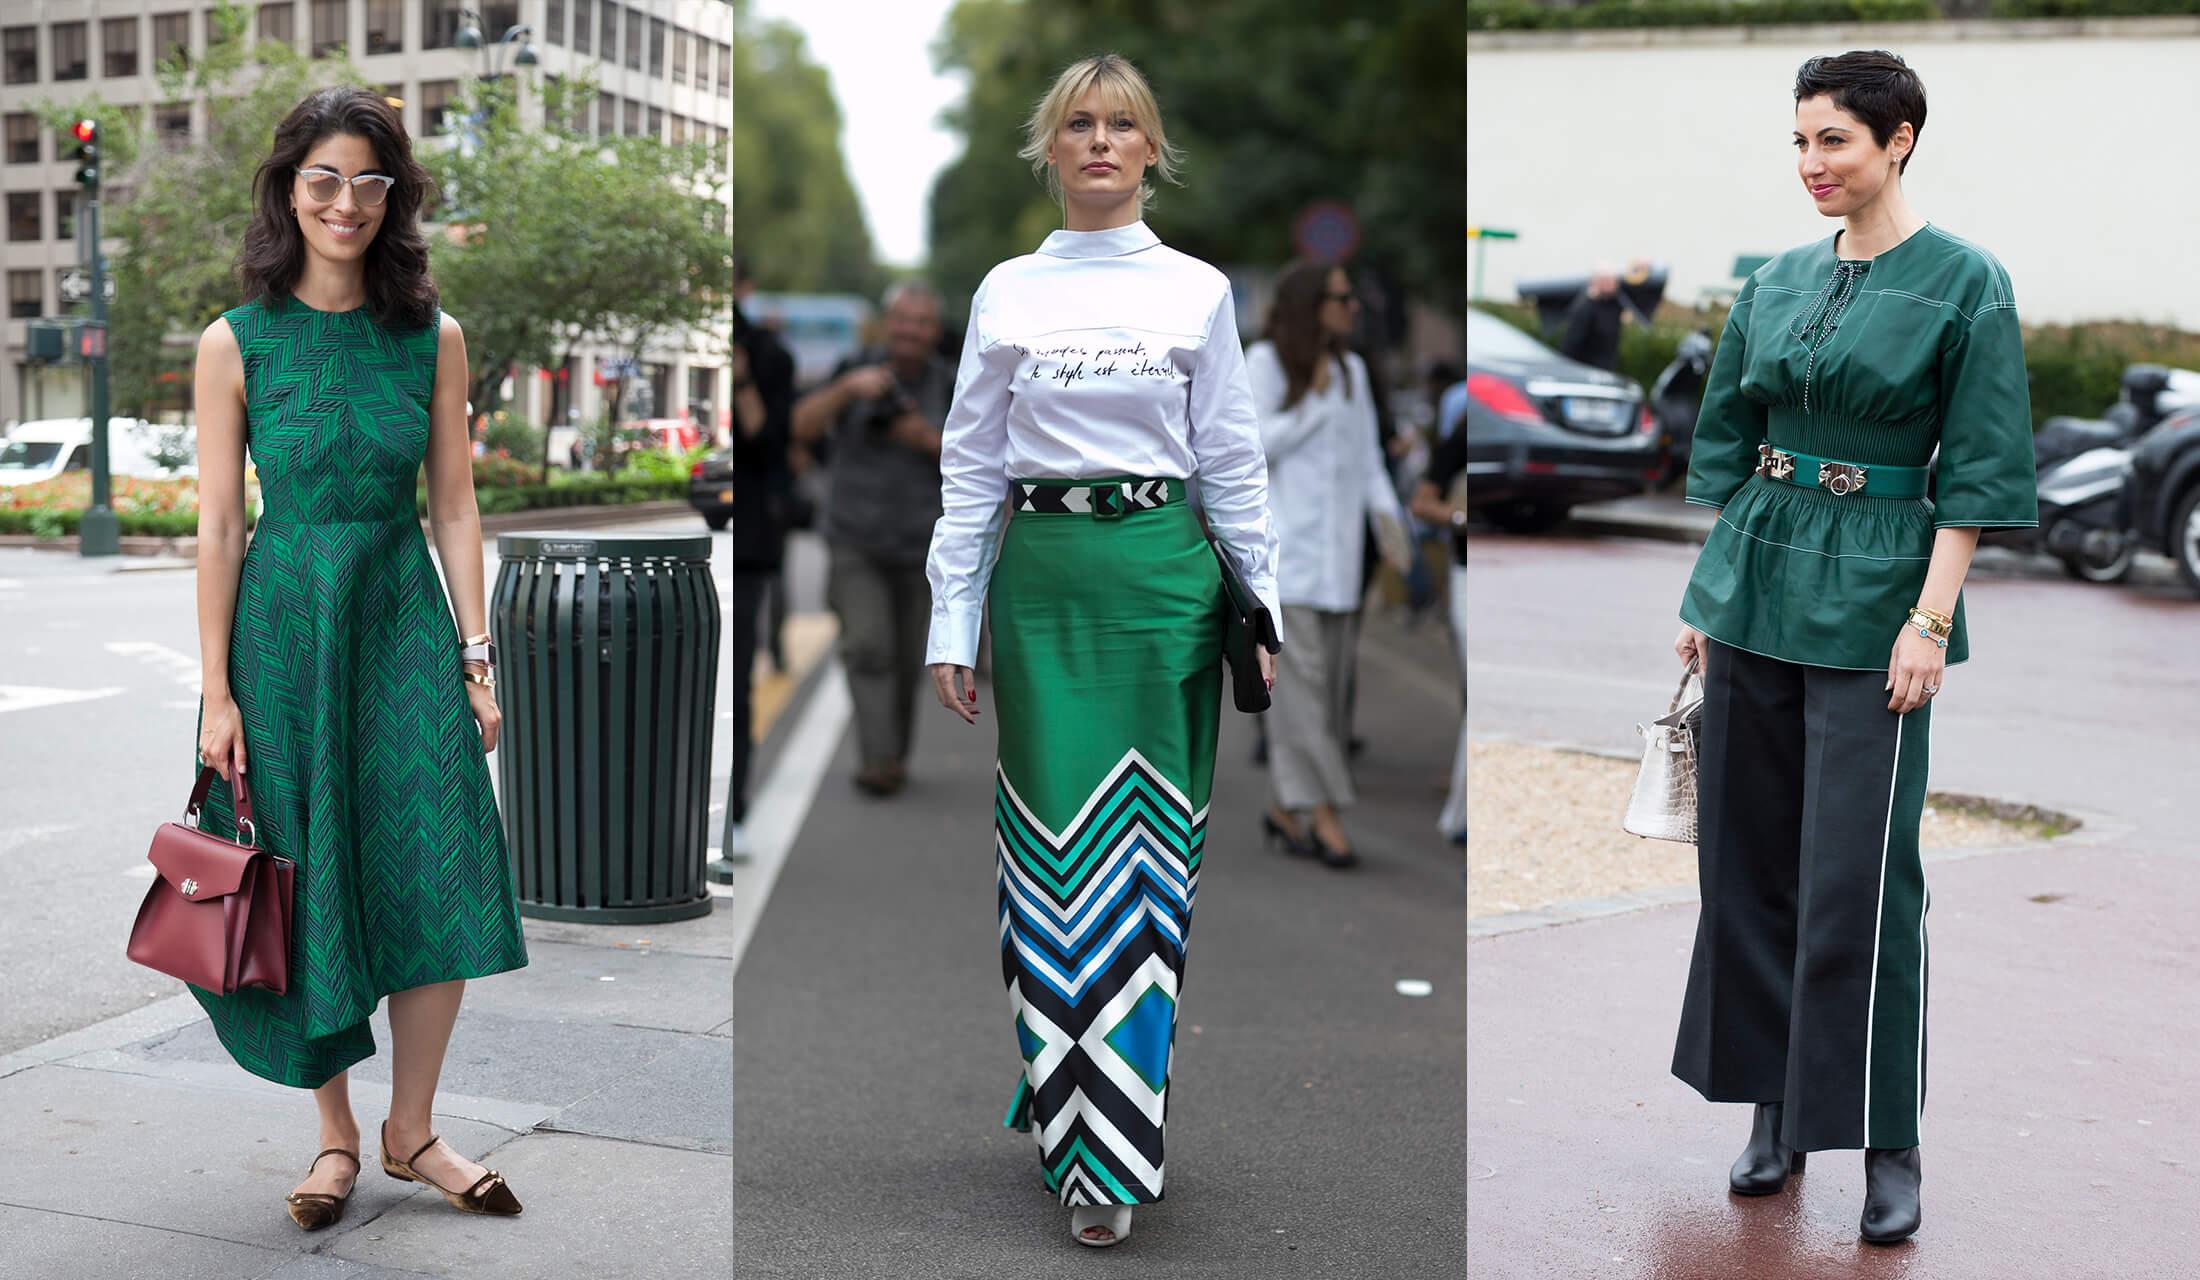 グリーンを取り入れたファッションを着こなす女性たちの写真画像